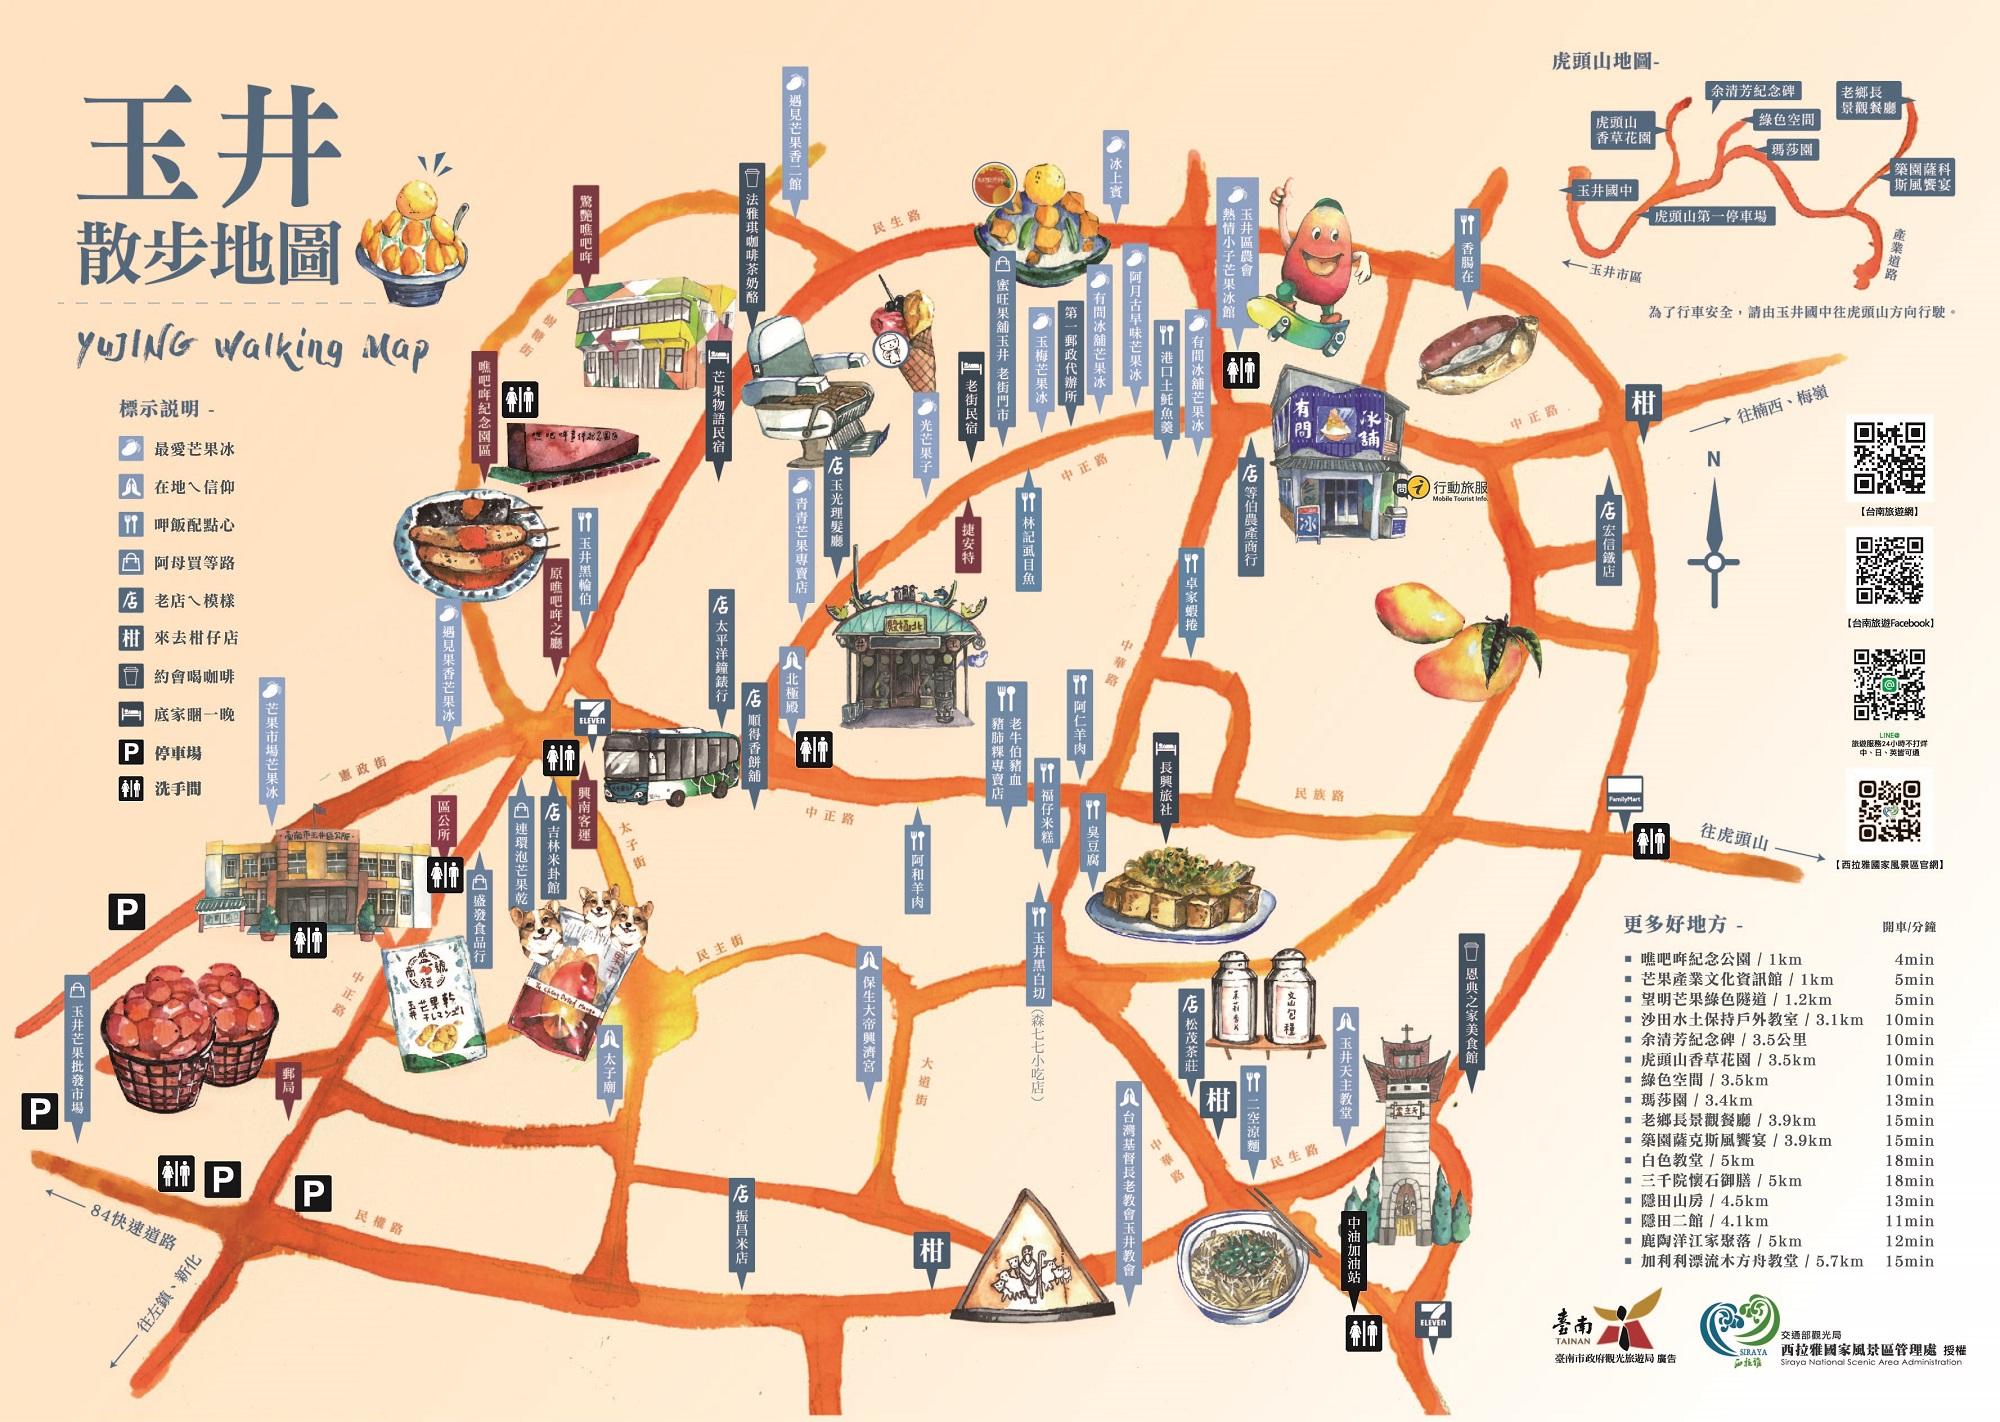 玉井區散步地圖